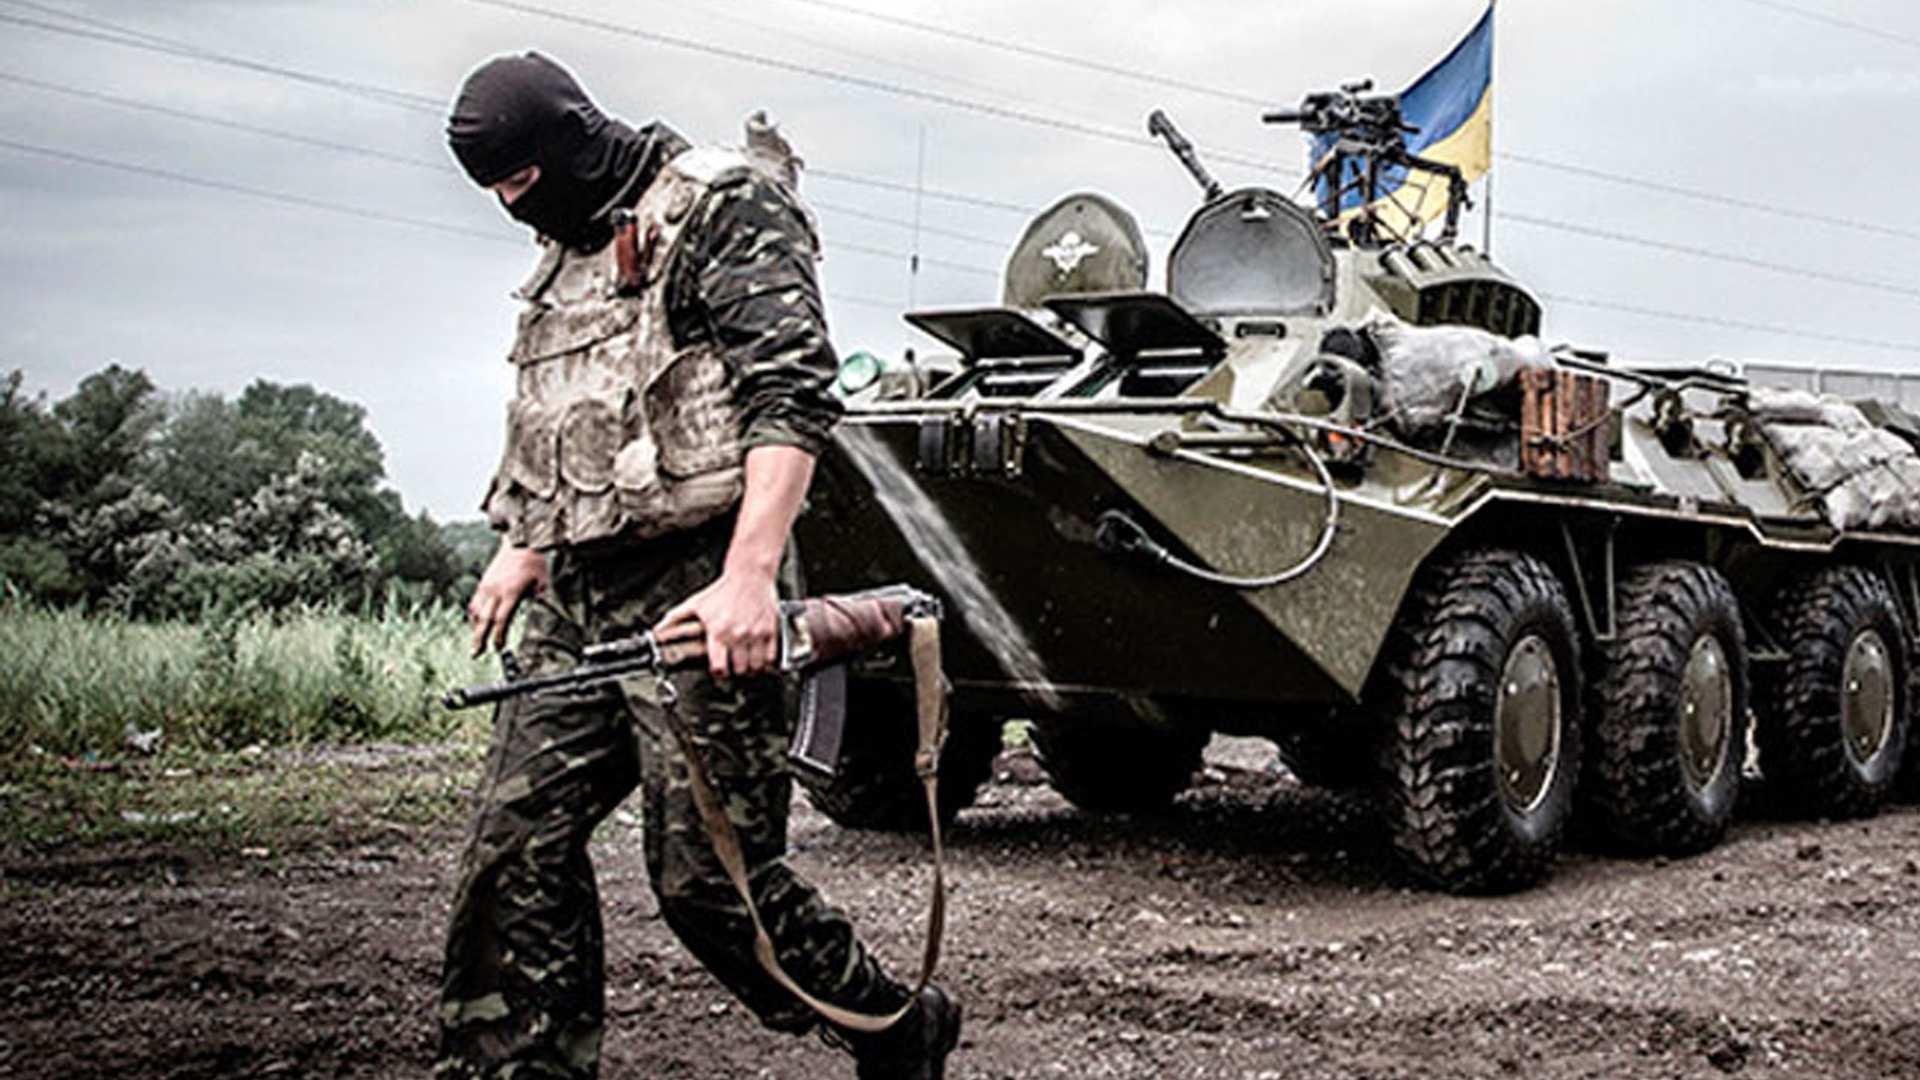 Из дезертиров в «херои»: украинские пропагандисты отыскали нового «патрiота» среди боевиков ВСУ (ФОТО)   Русская весна